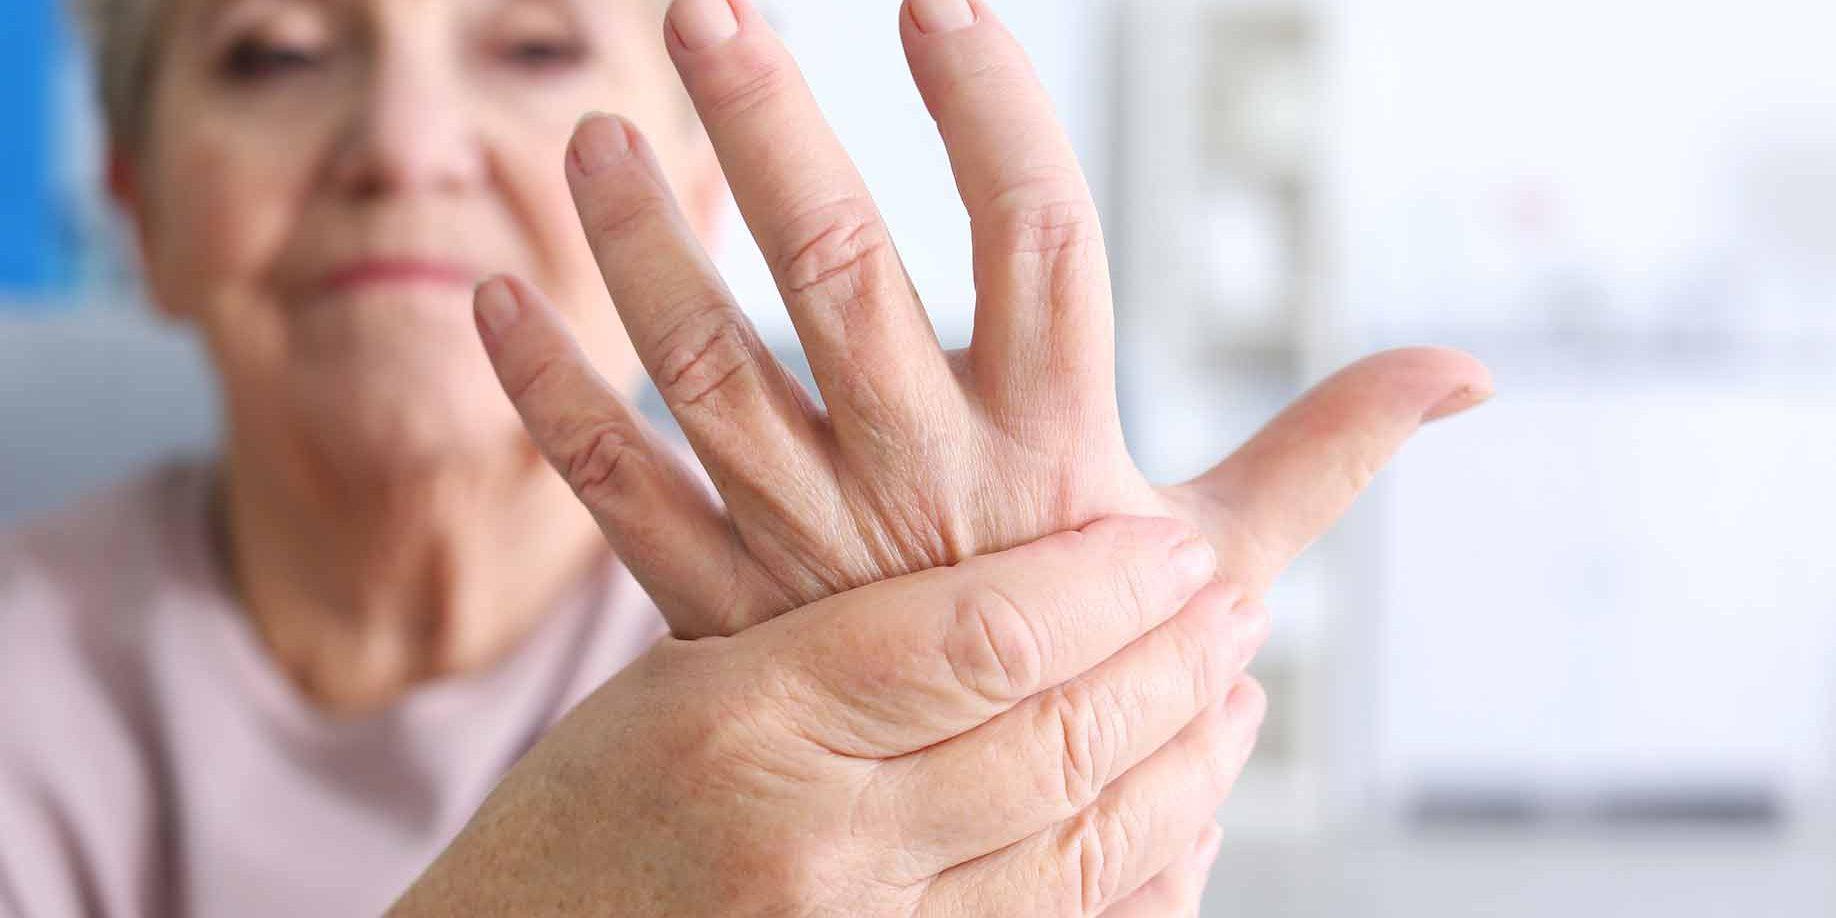 analgetikas pasižymintis nugaros skausmas ir sąnarių vaikui skauda ranka